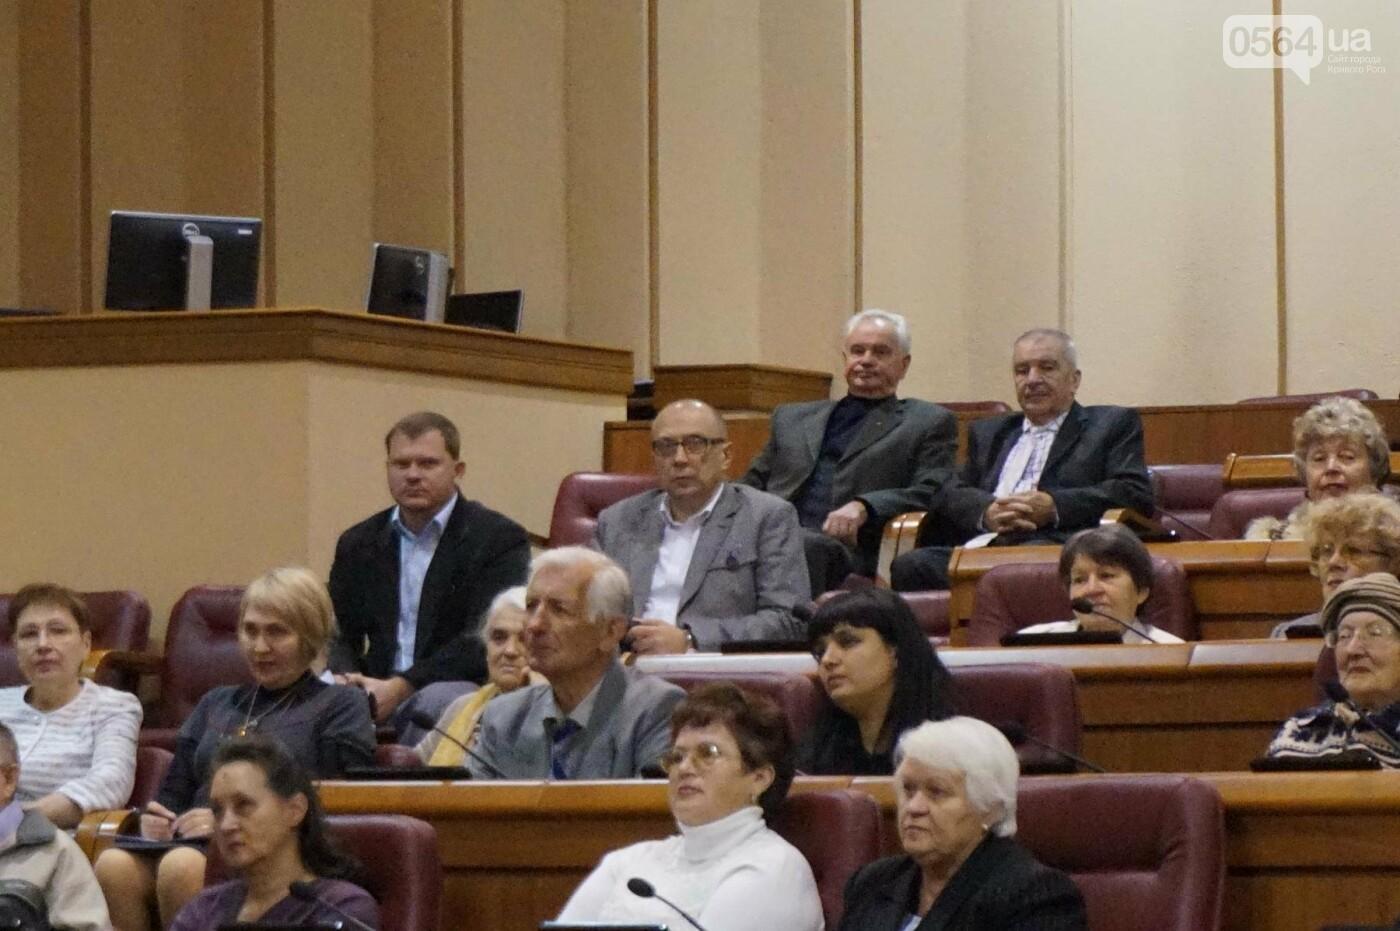 Экс-сотрудников Криворожского горисполкома поздравили с Днем пожилых людей (ФОТО), фото-20